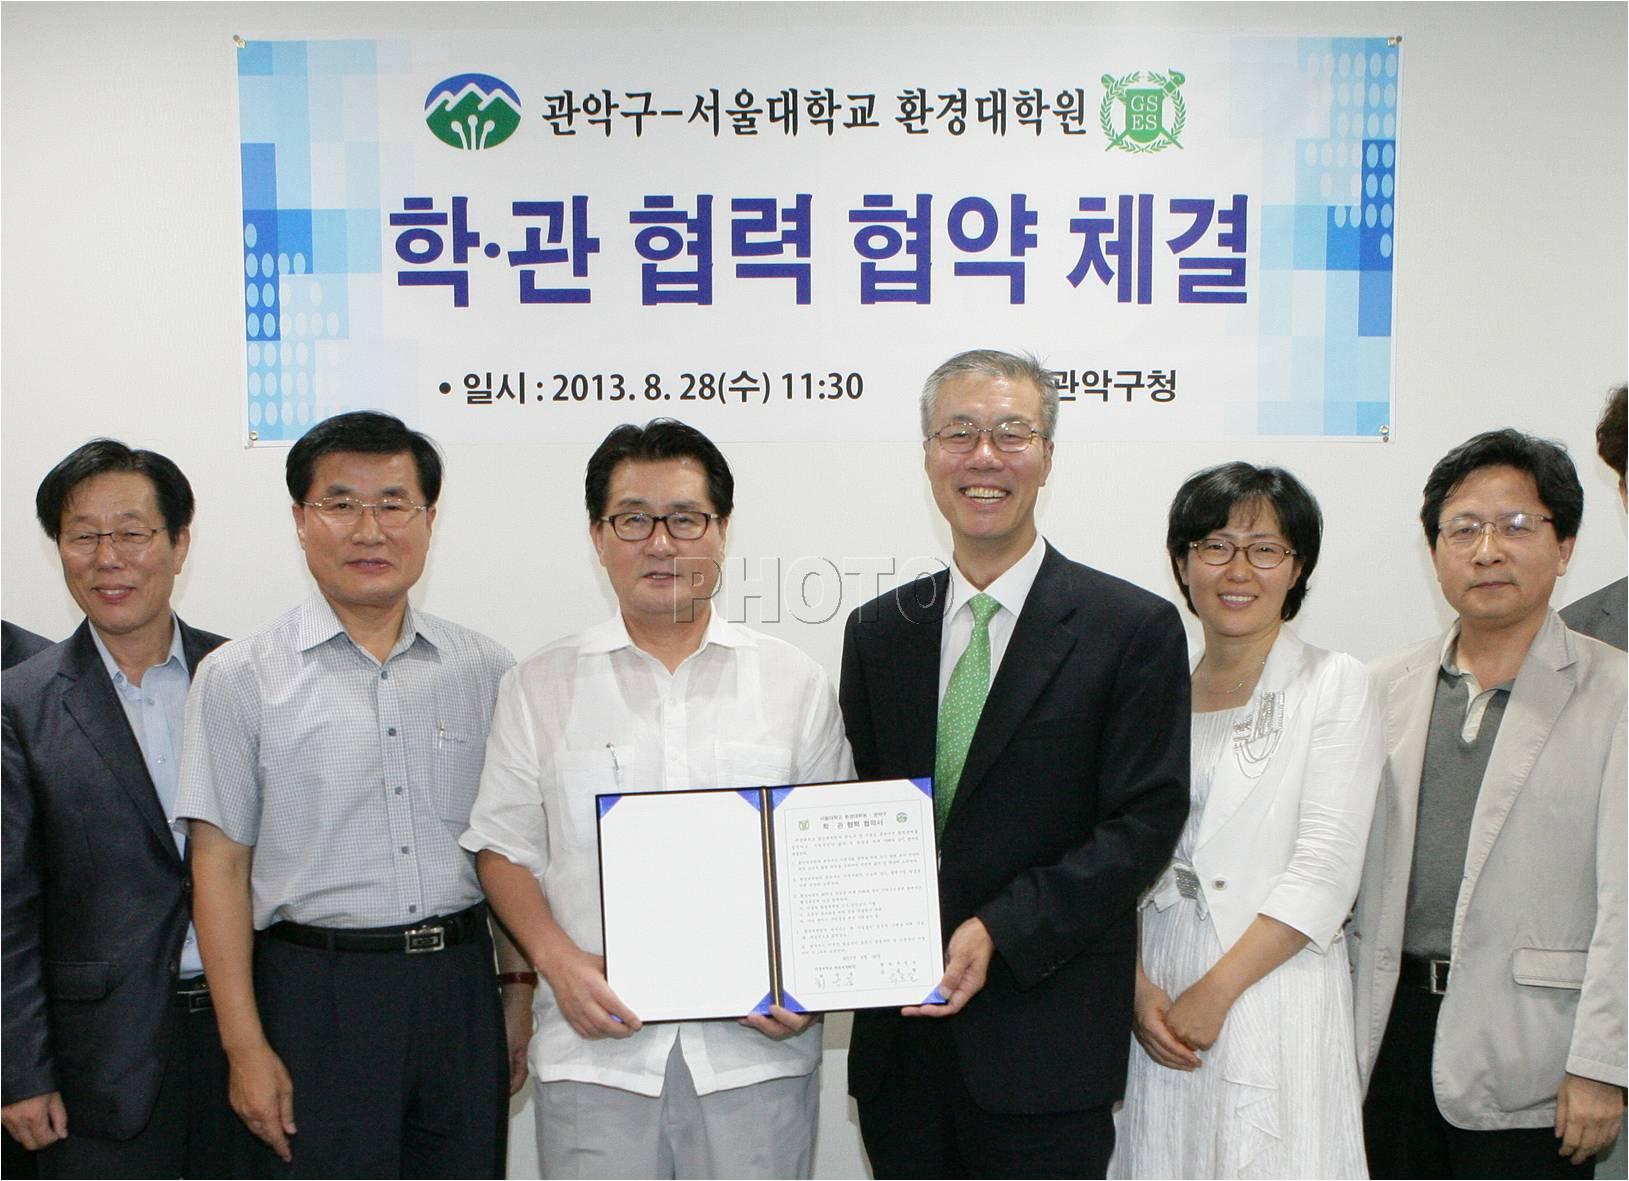 관악구-서울대 환경대학원, 도시환경 위해 나선다